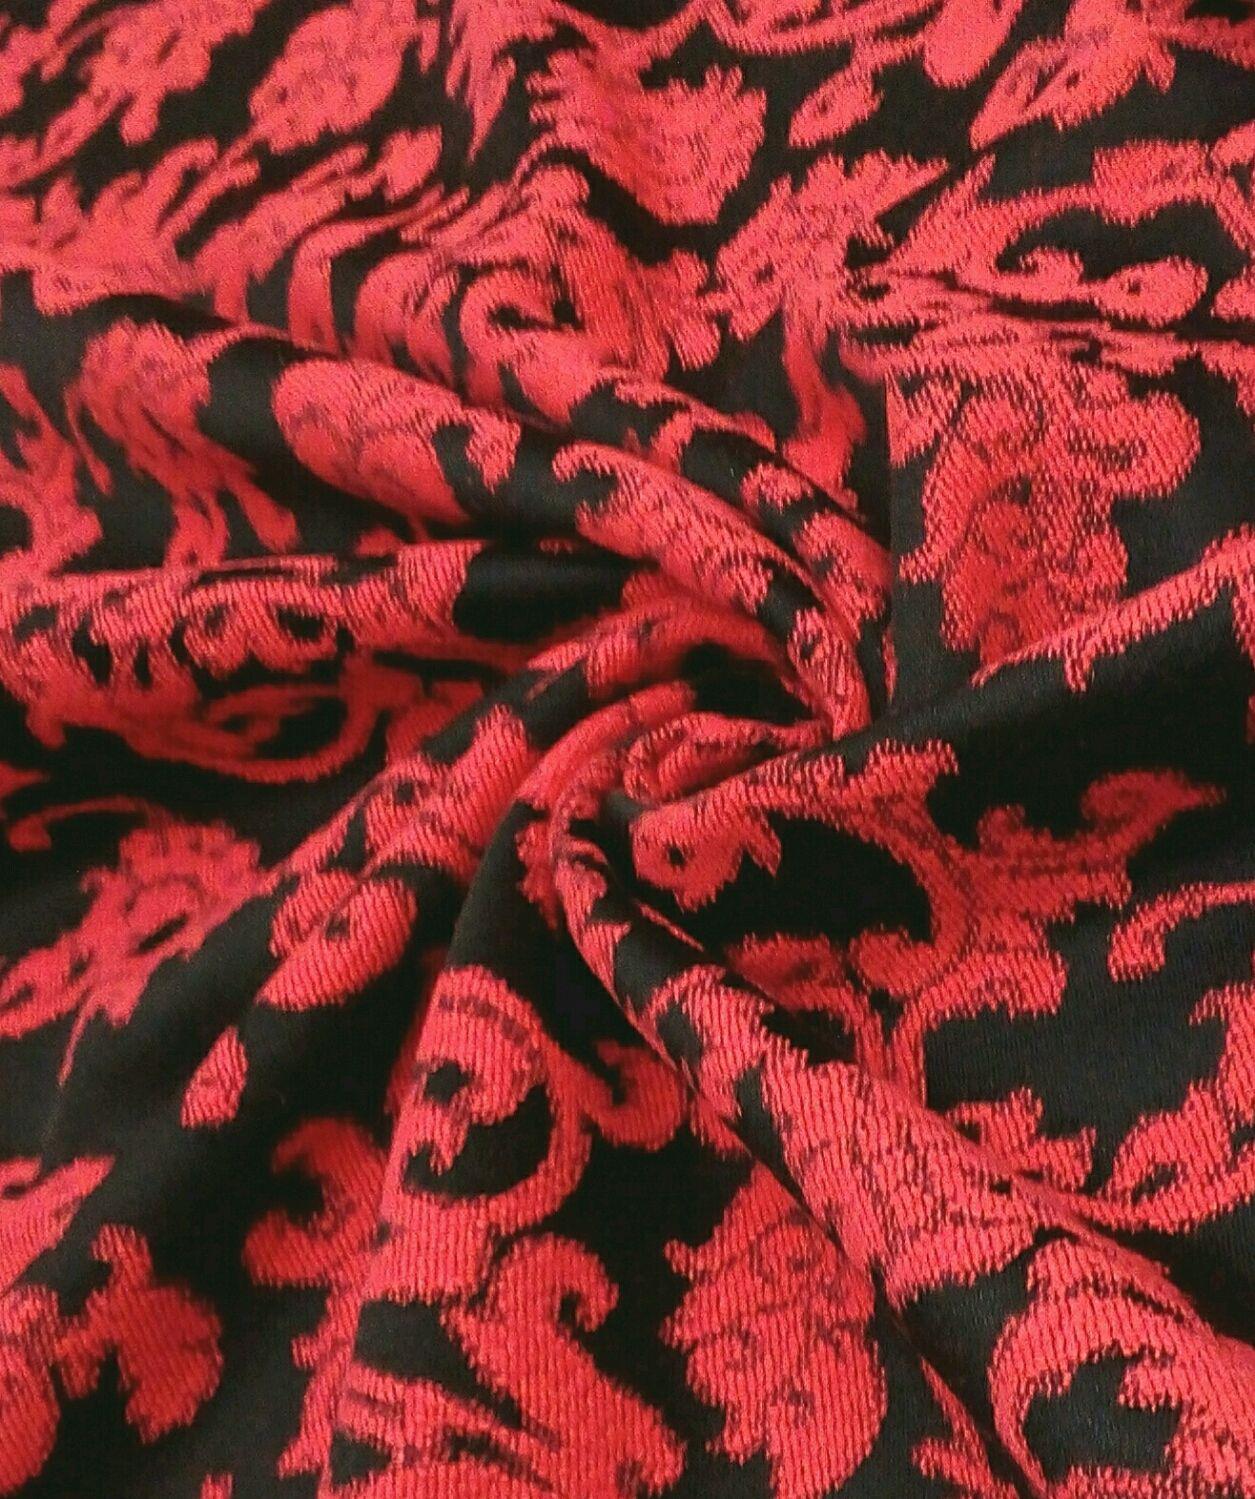 50% Итальянская ткань П-002 Пальтовый жаккард, Ткани, Новосибирск,  Фото №1